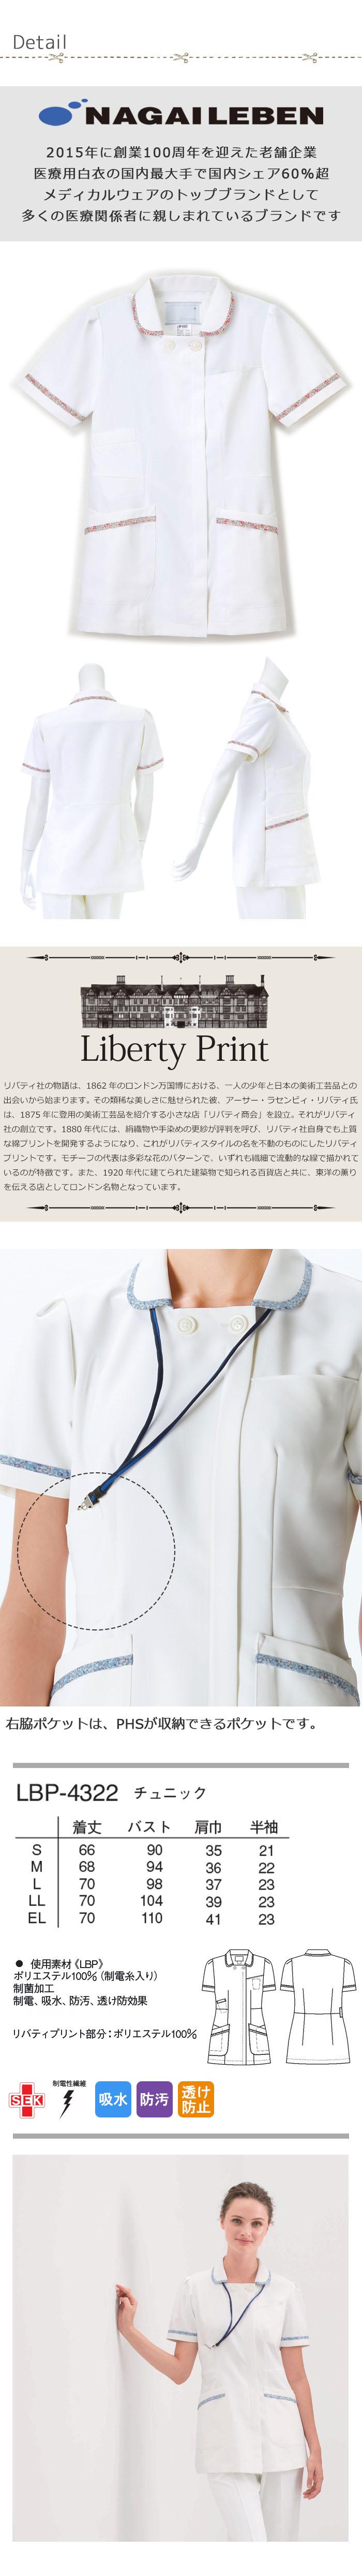 【歯科・医療ユニフォーム】リバティプリント×ナガイレーベンのコラボ やさしい花柄チュニック【2色】